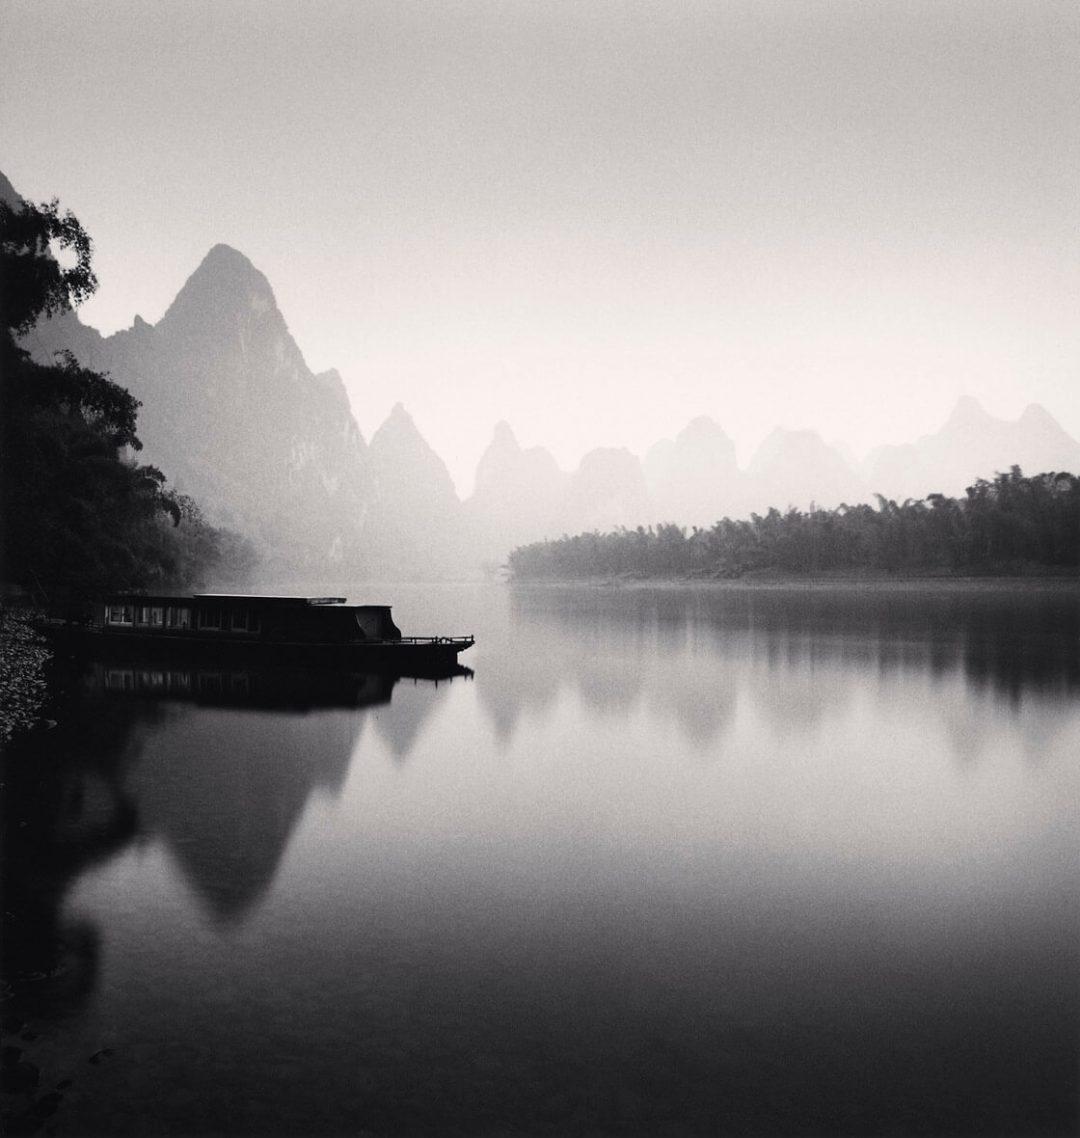 Lijiang River, Study 4, Guilin, China - Michael Kenna